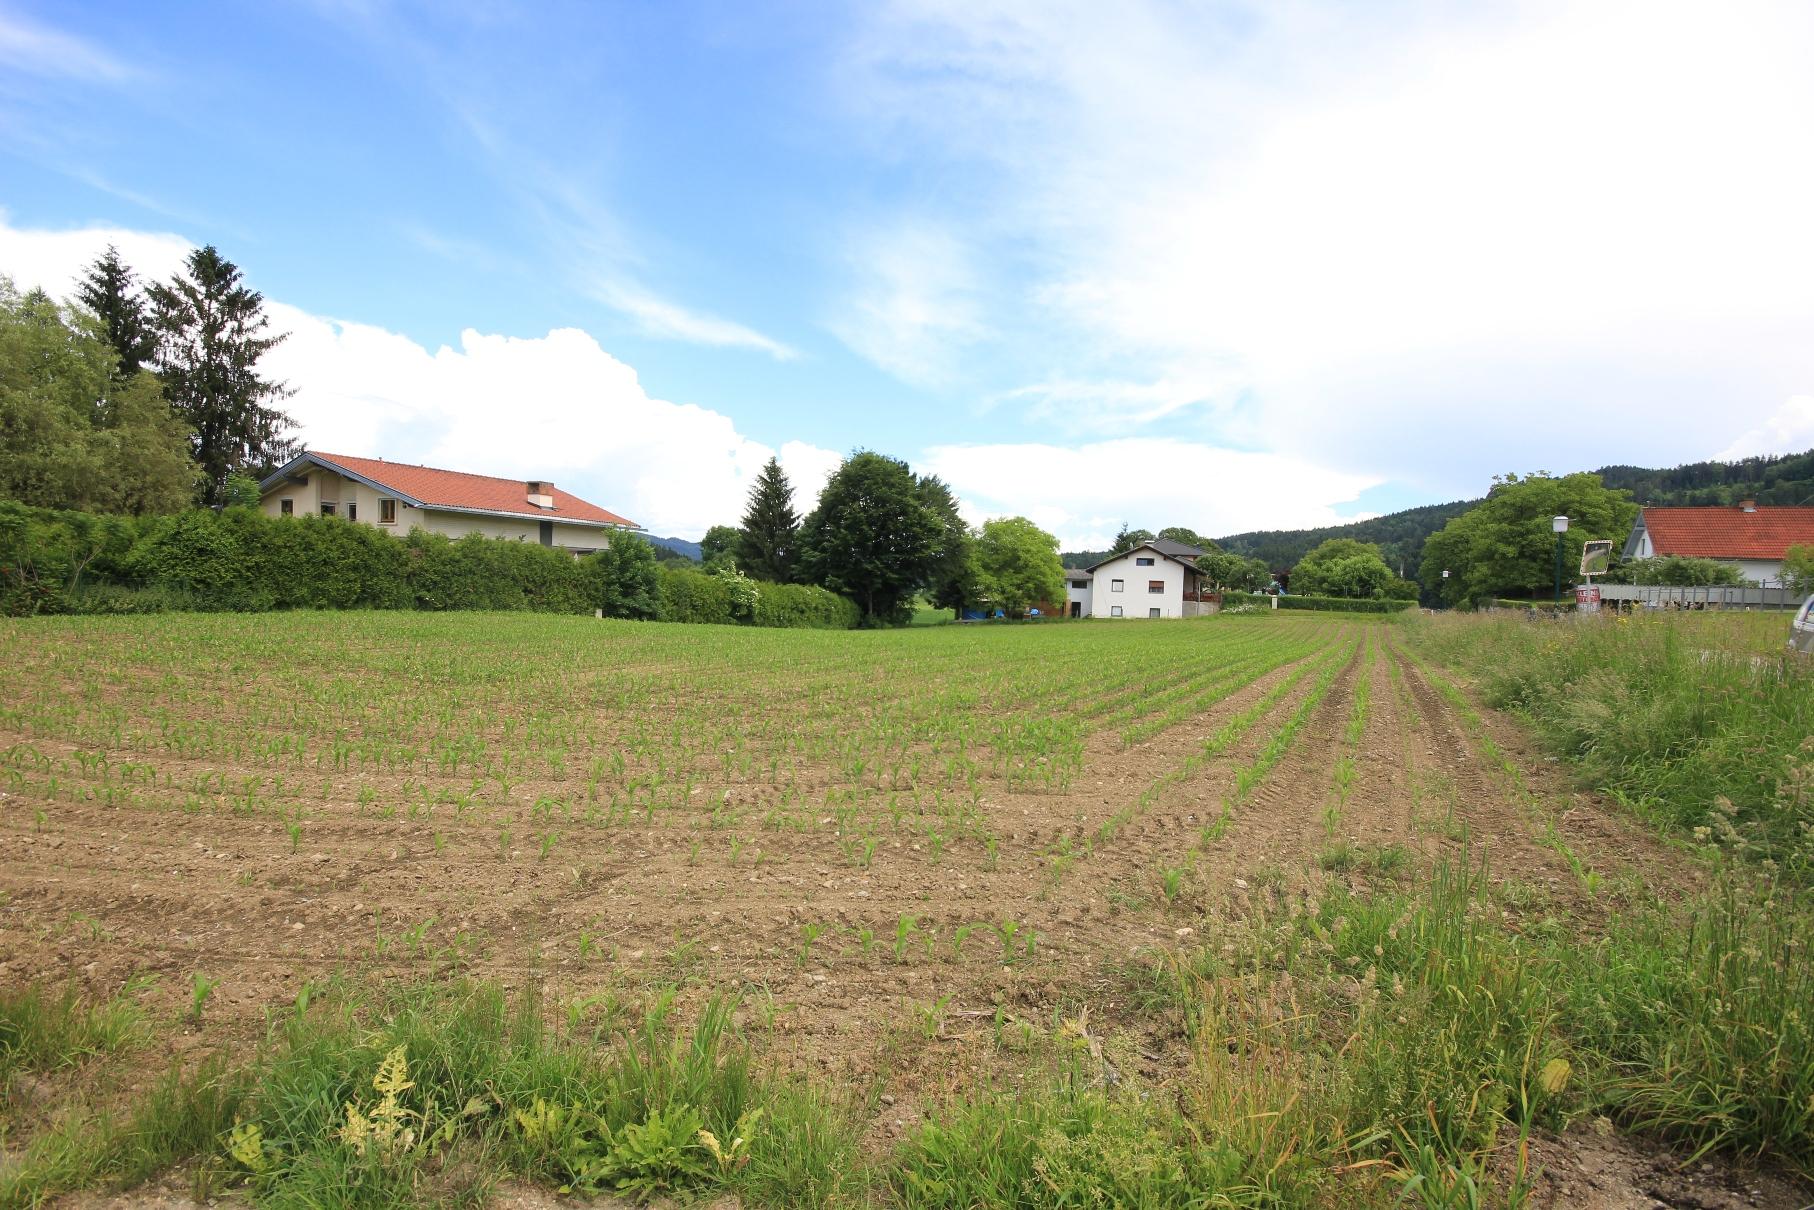 Großzügige Grundstücksfläche in ländlicher Lage